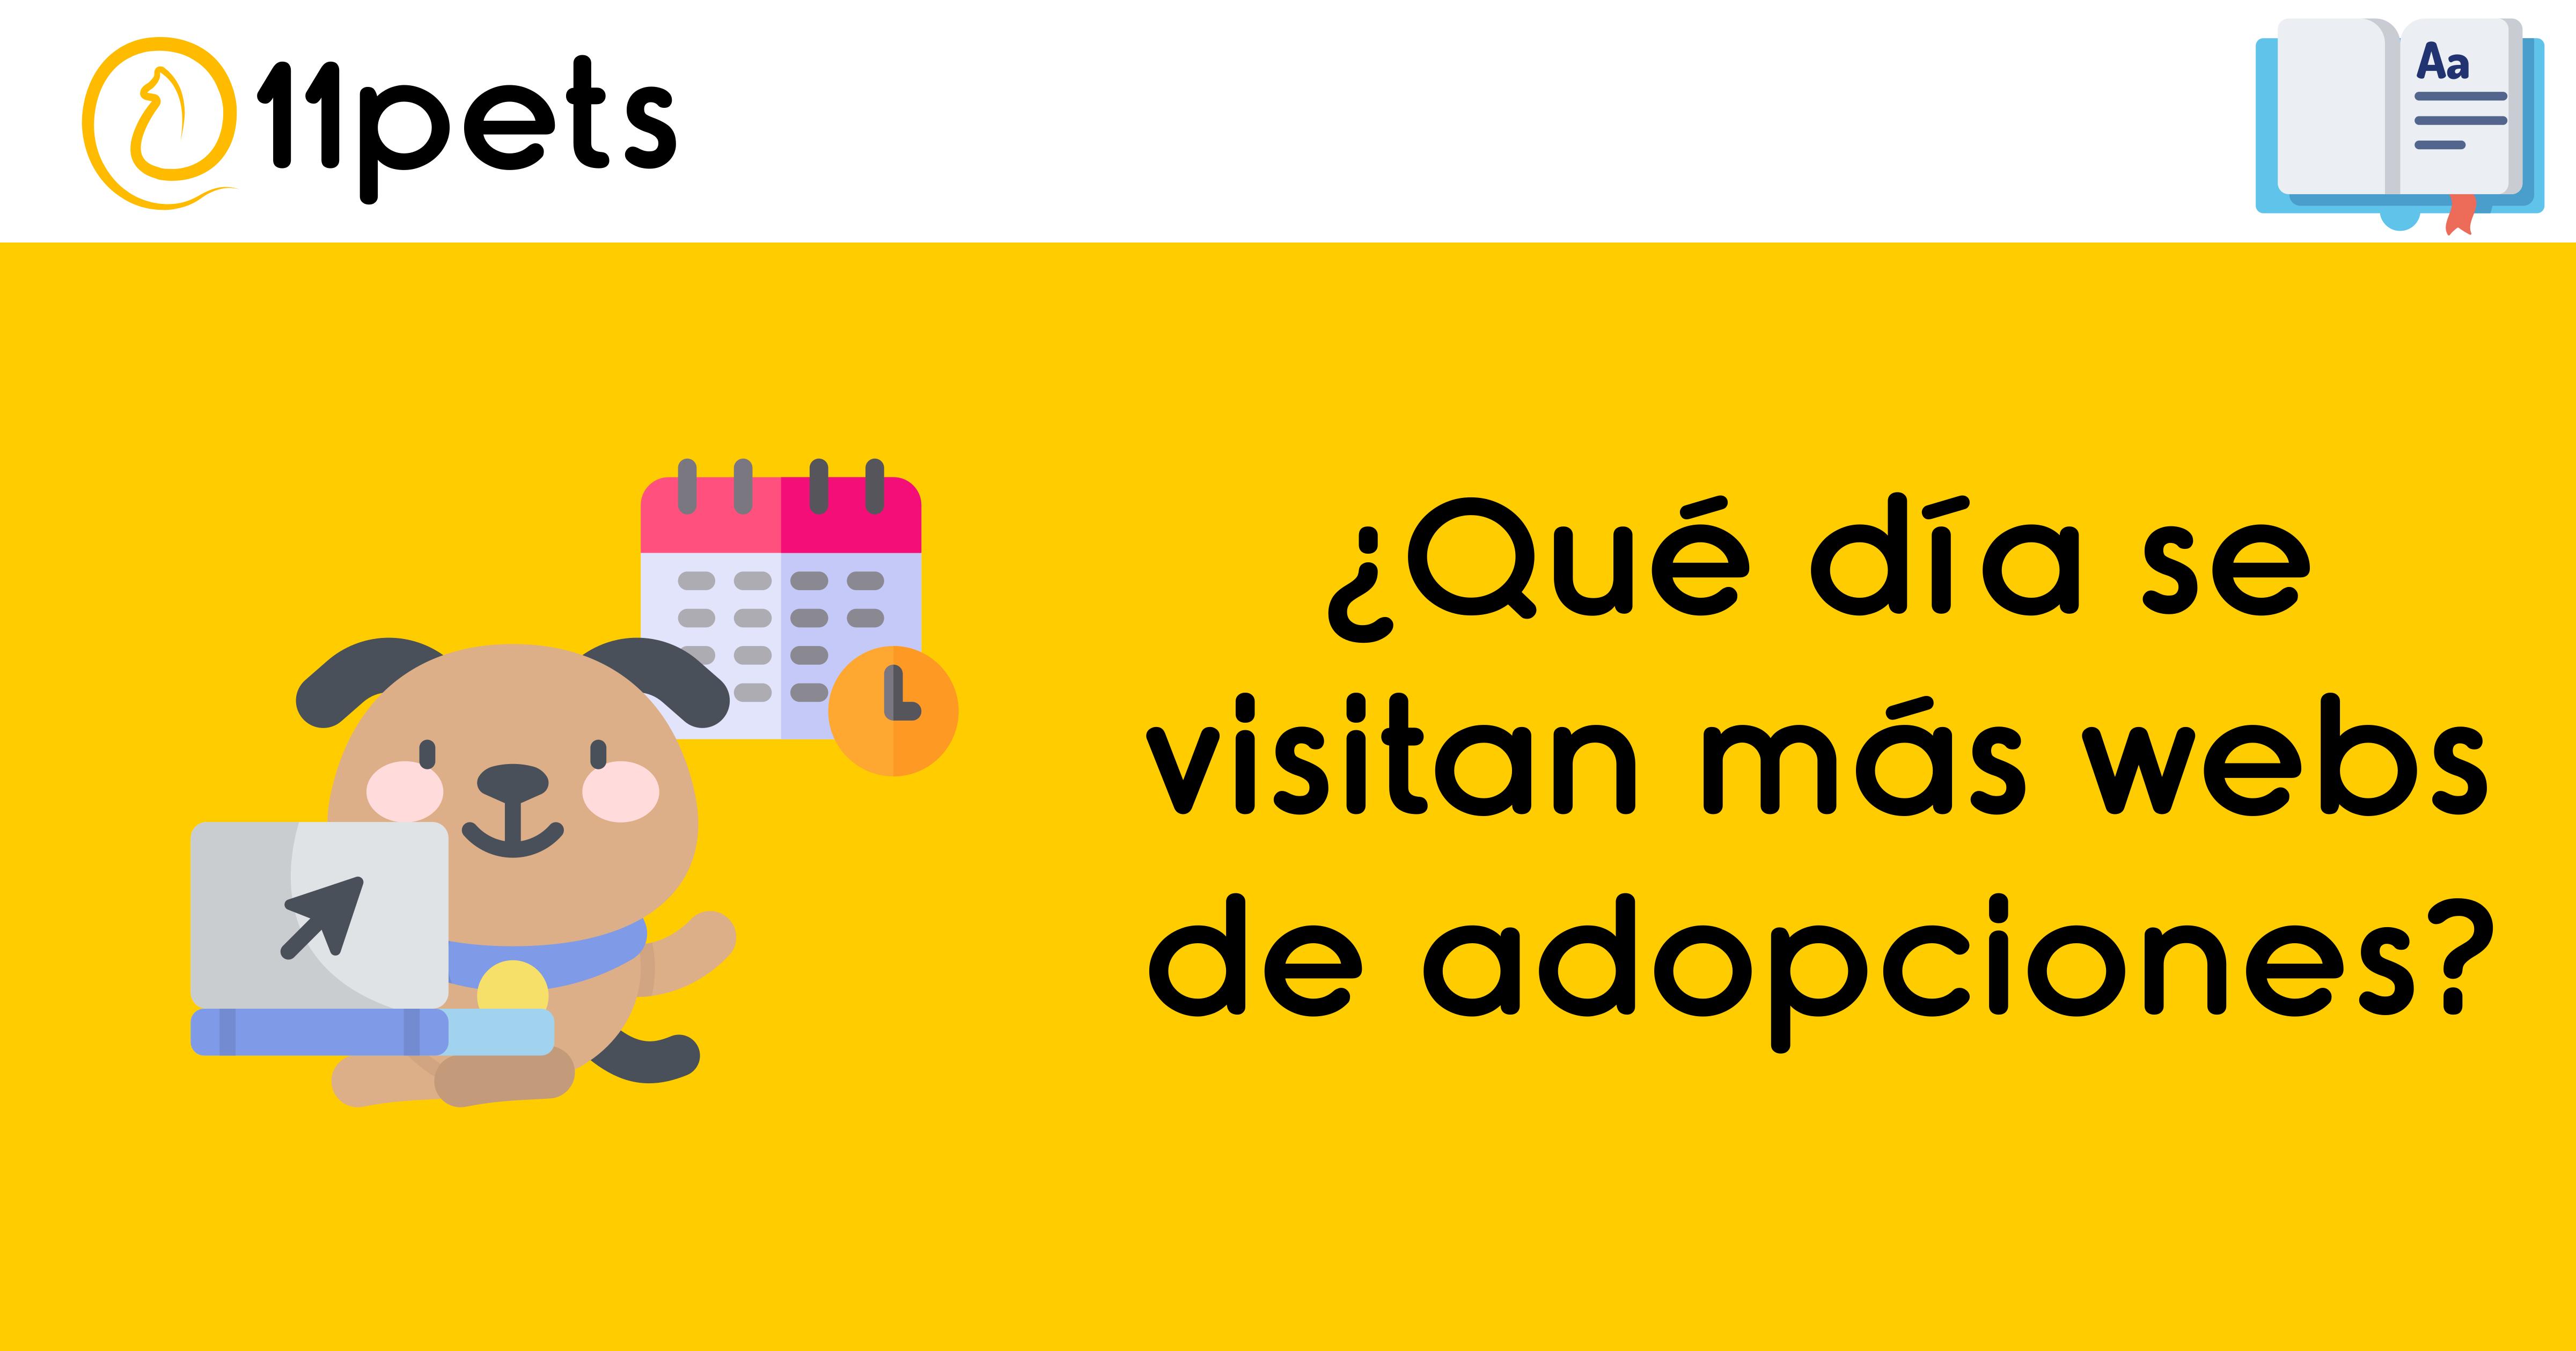 webs de adopciones